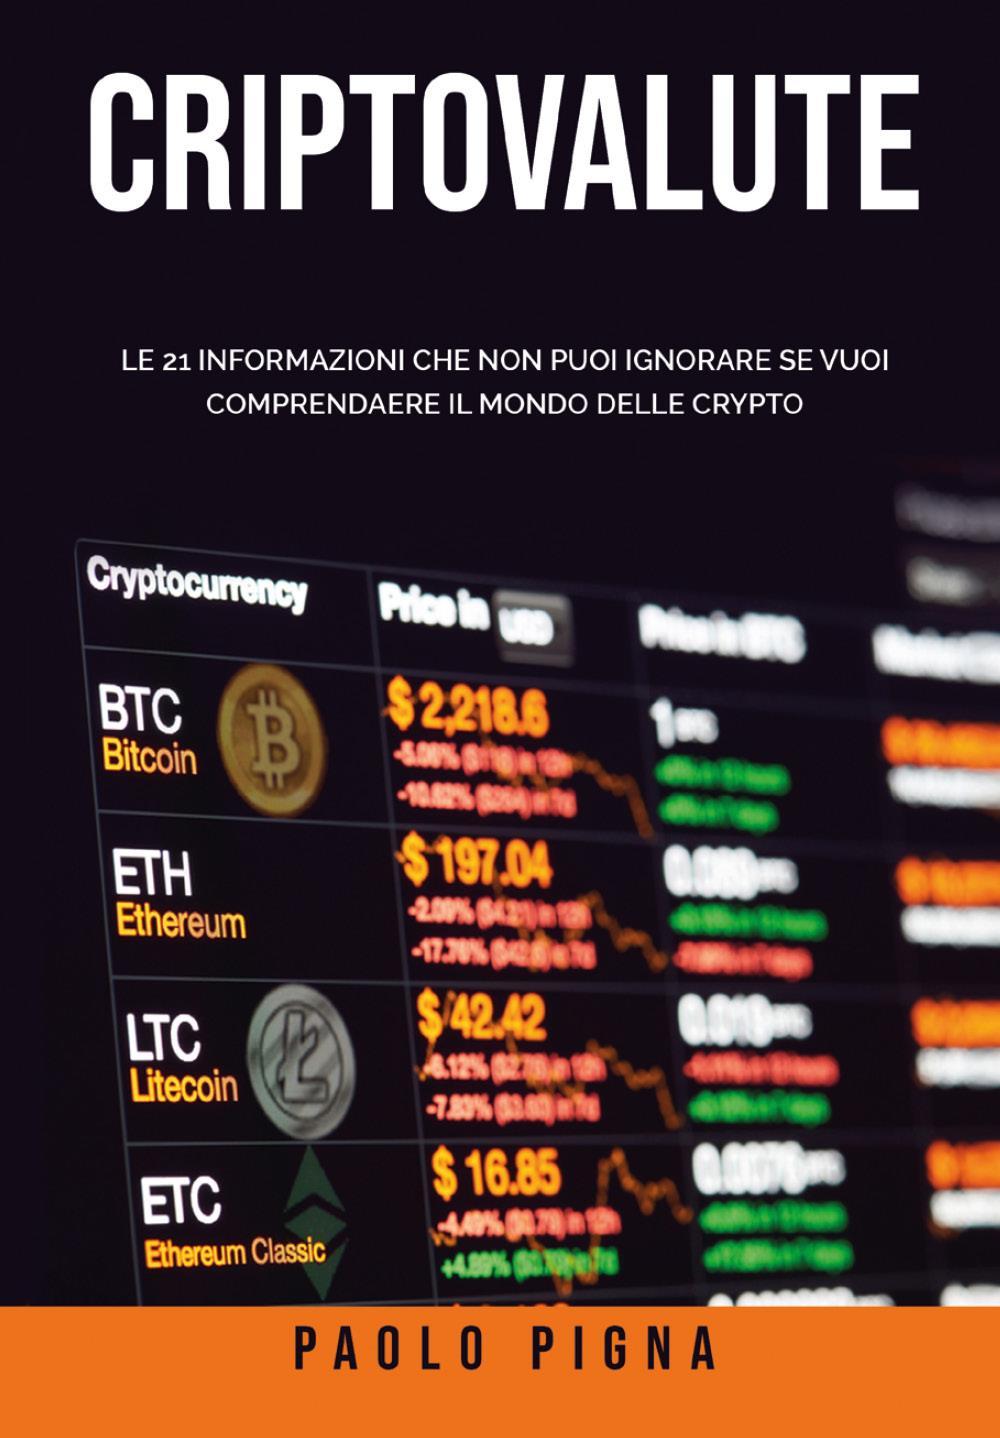 Criptovalute: Le 21 informazioni che non puoi ignorare se vuoi comprendere il mondo delle crypto